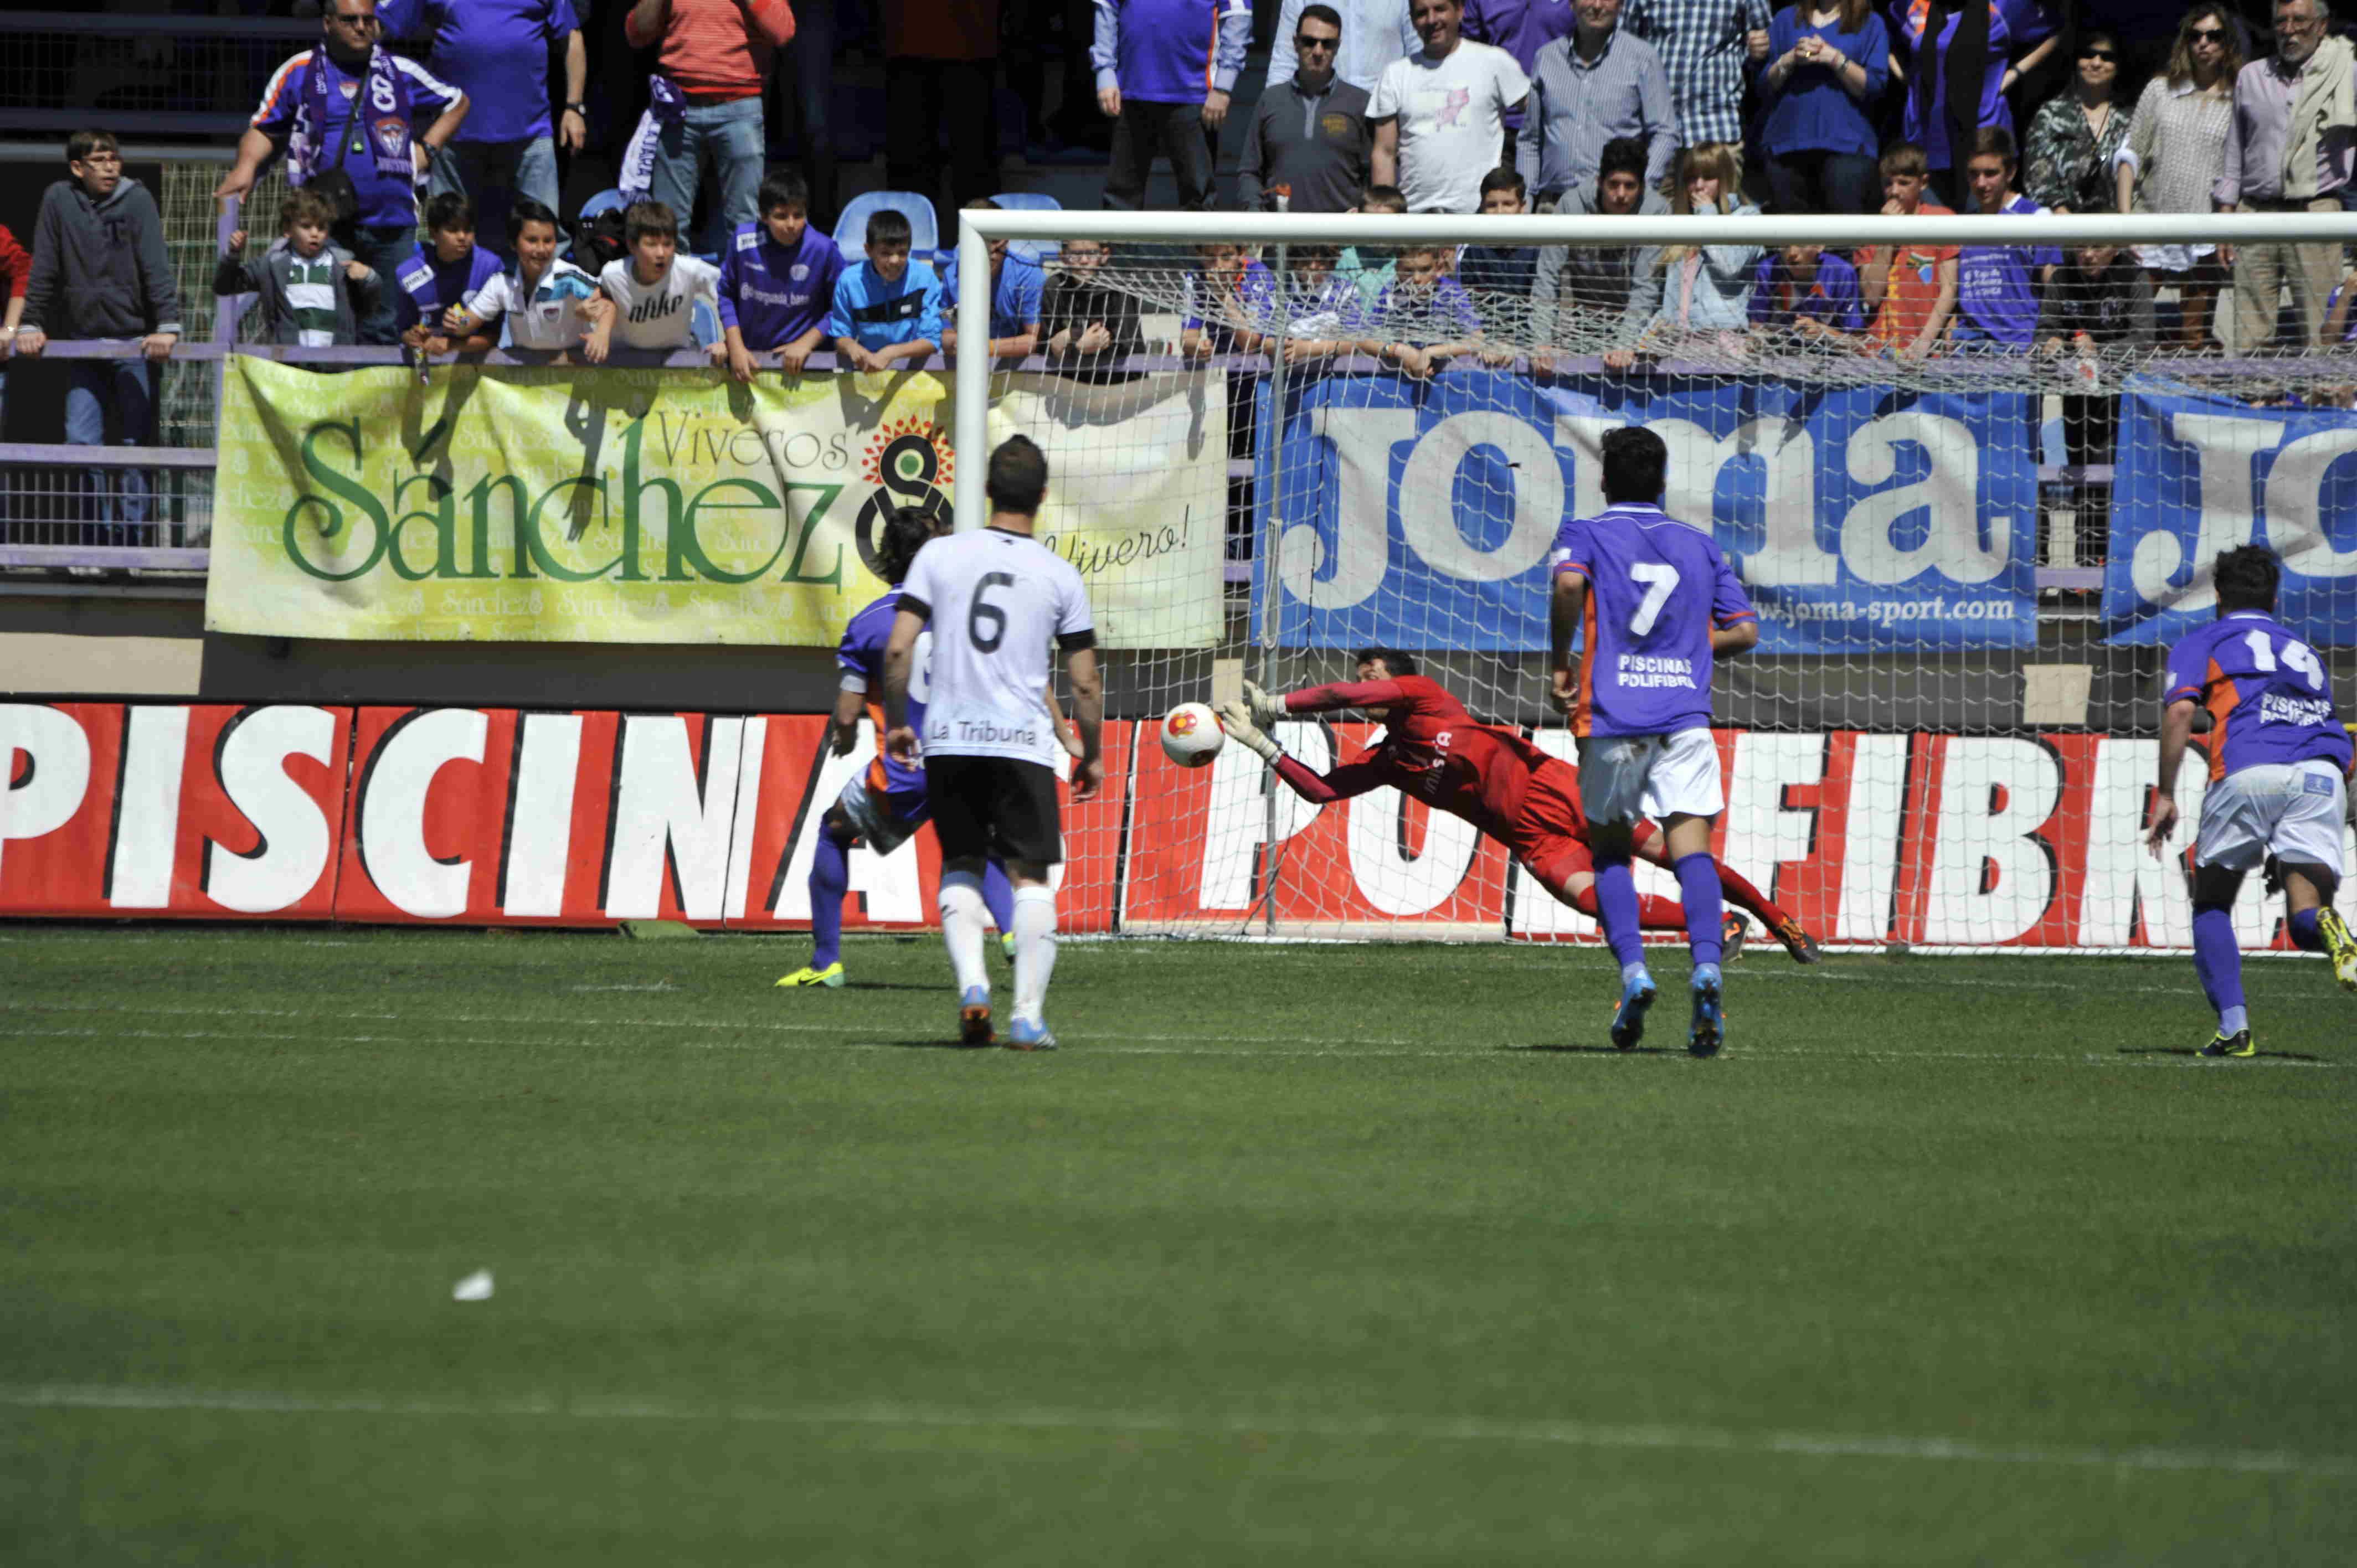 CD Guadalajara - Albacete Balompié (Foto: Javier Saenz, cedida por www.5maseldescuento.es)